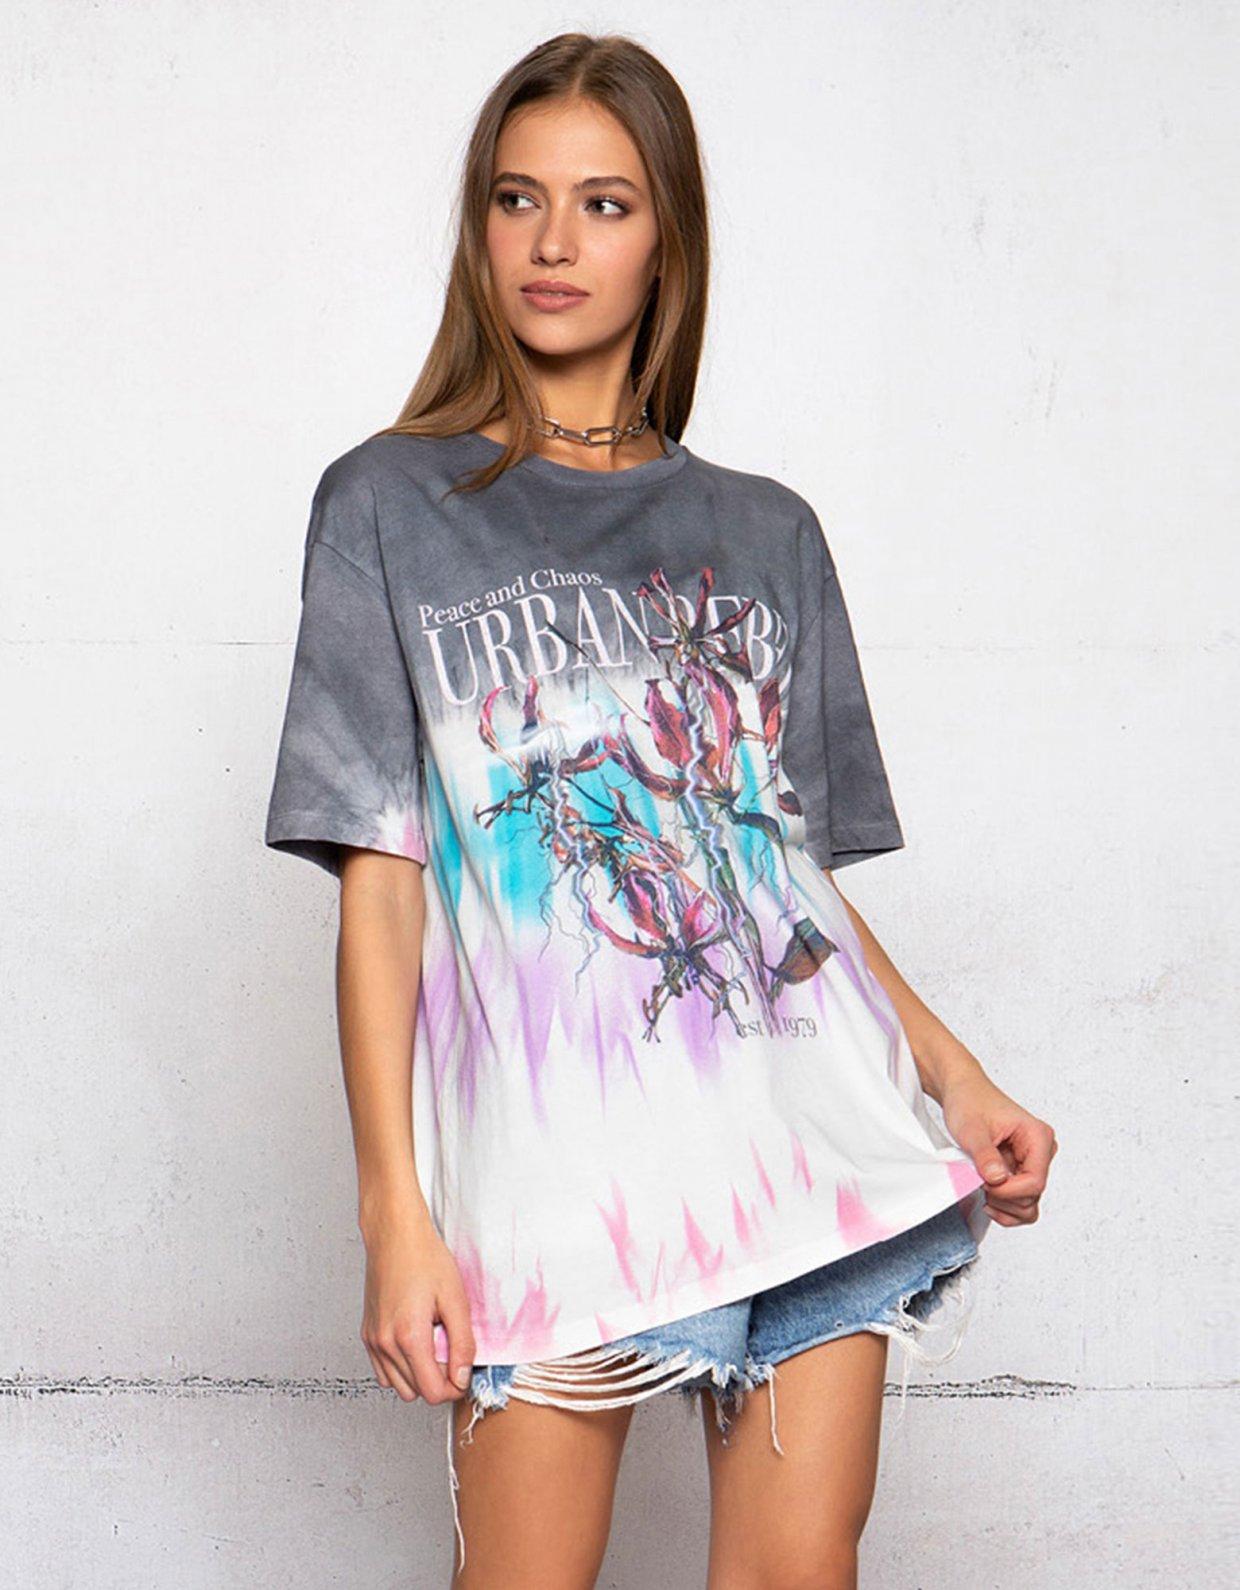 Peace & Chaos Urban rebel tie dye t-shirt